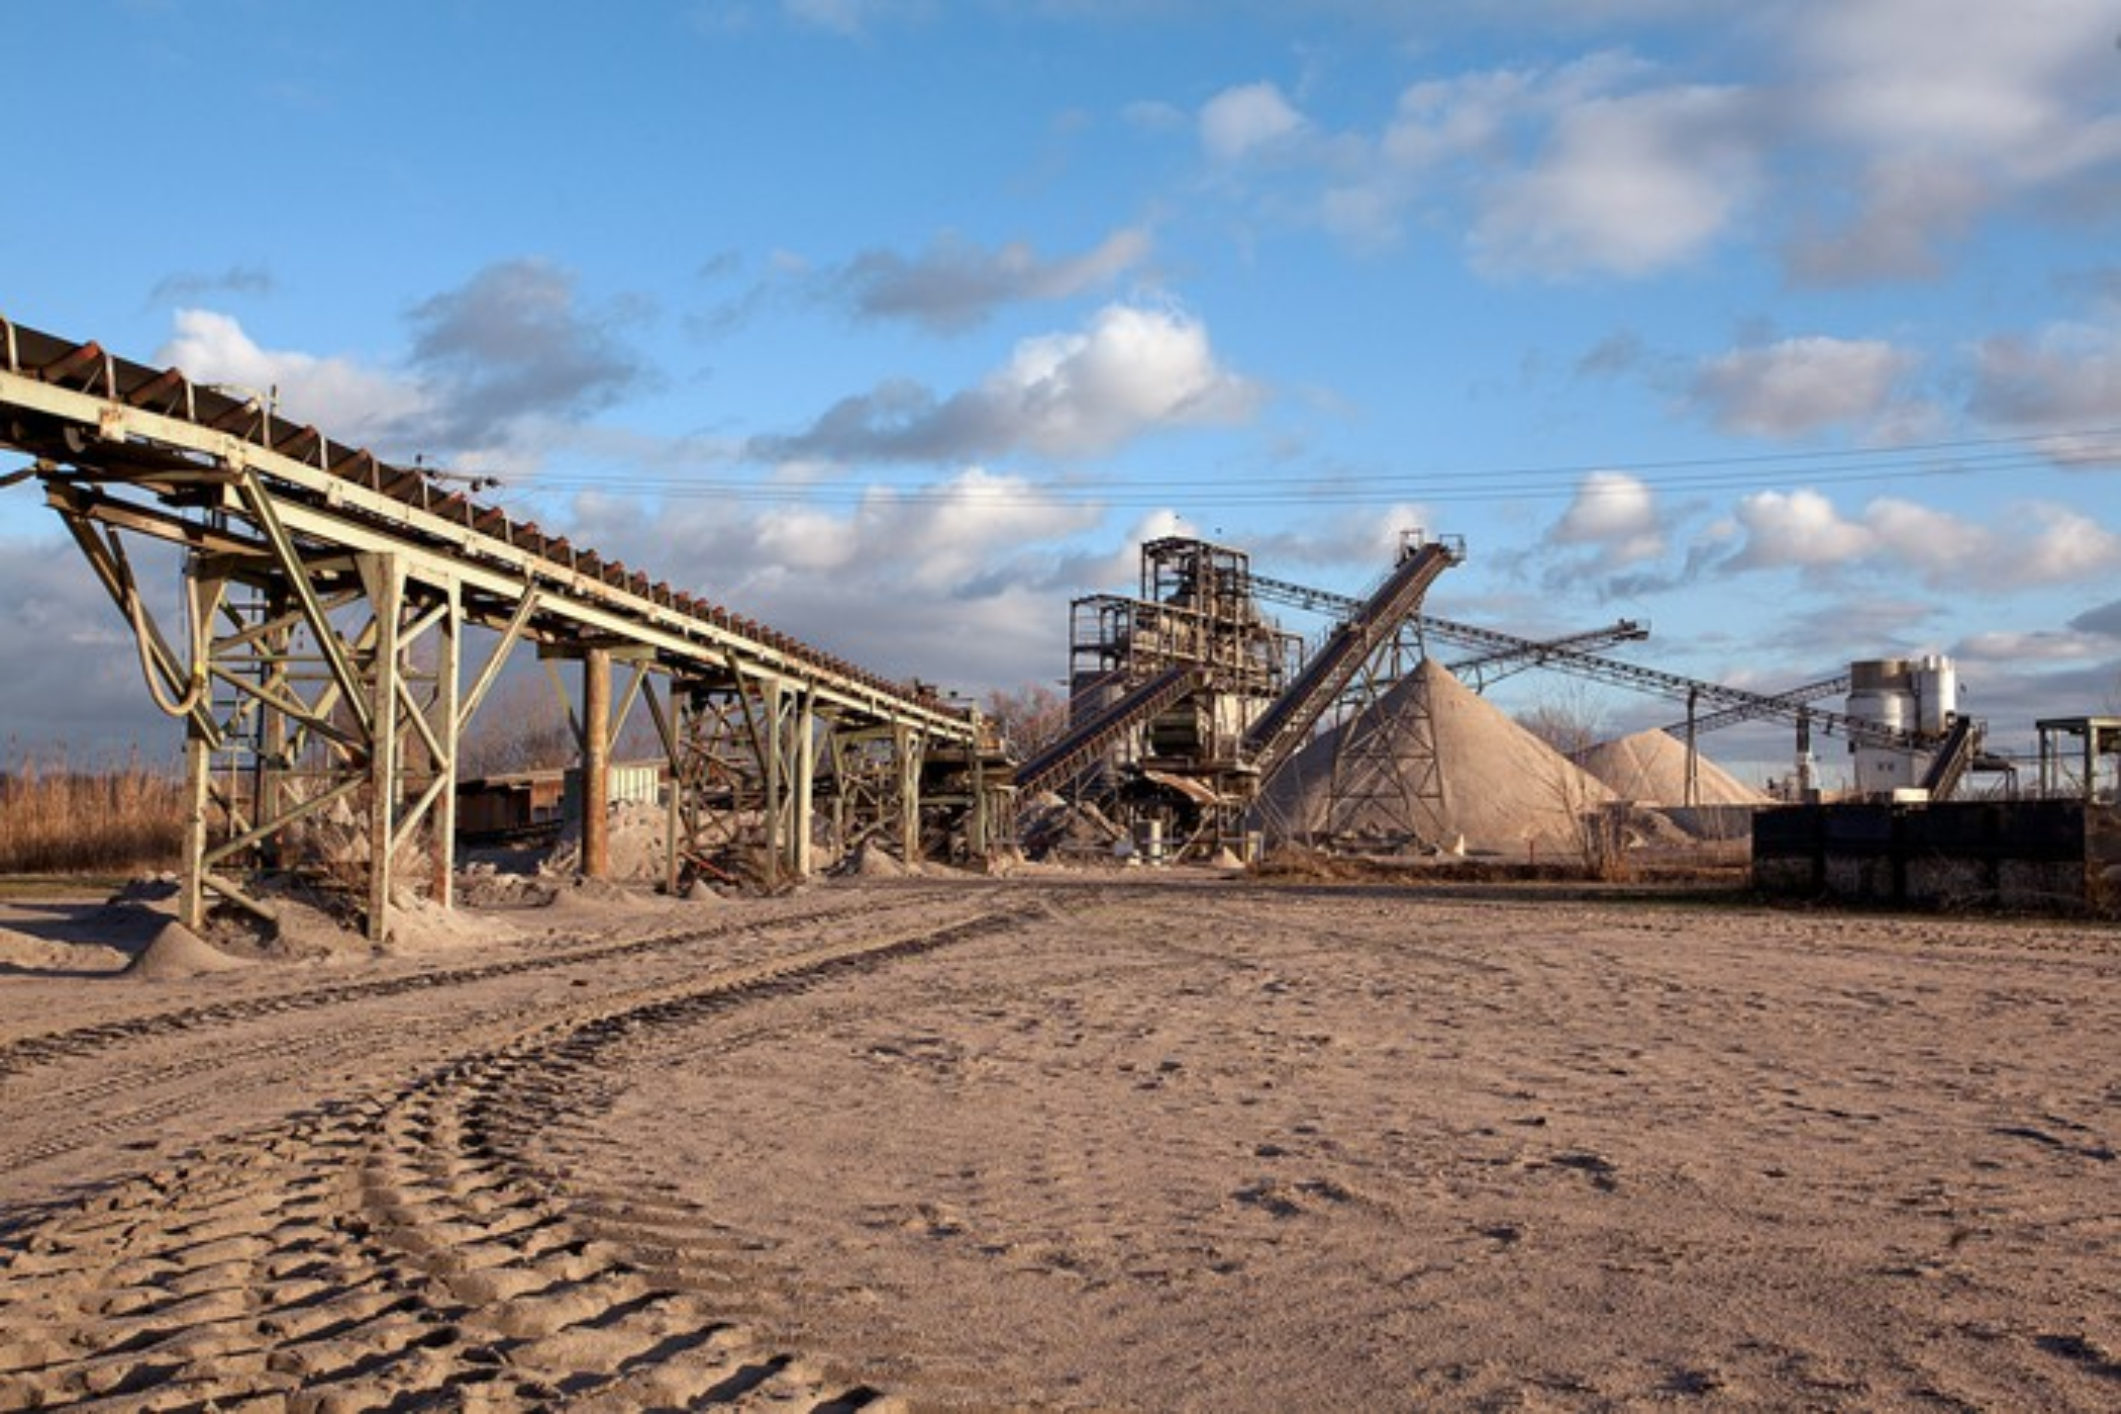 Sand mining facility